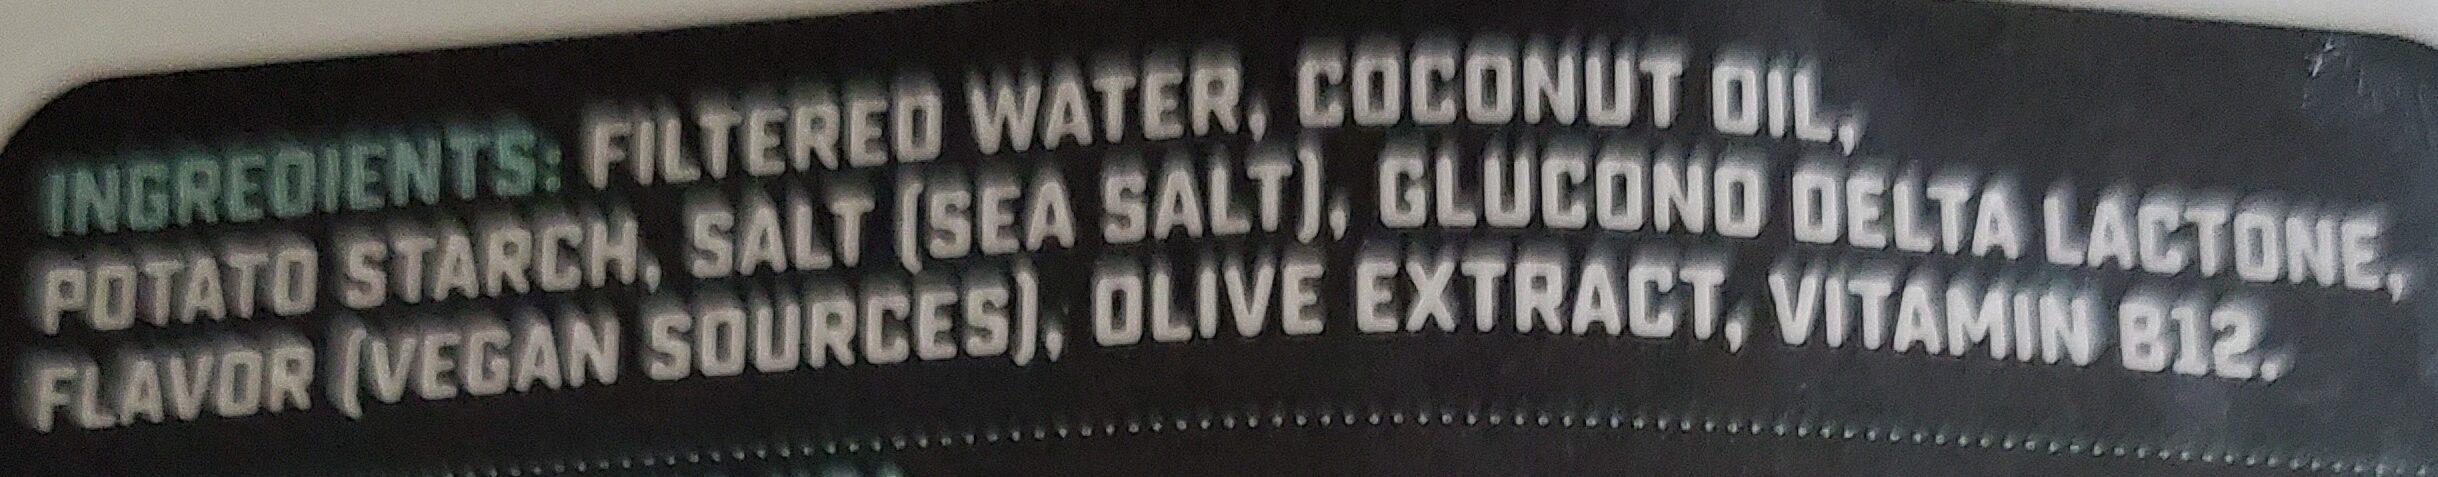 Violife - Ingredients - en